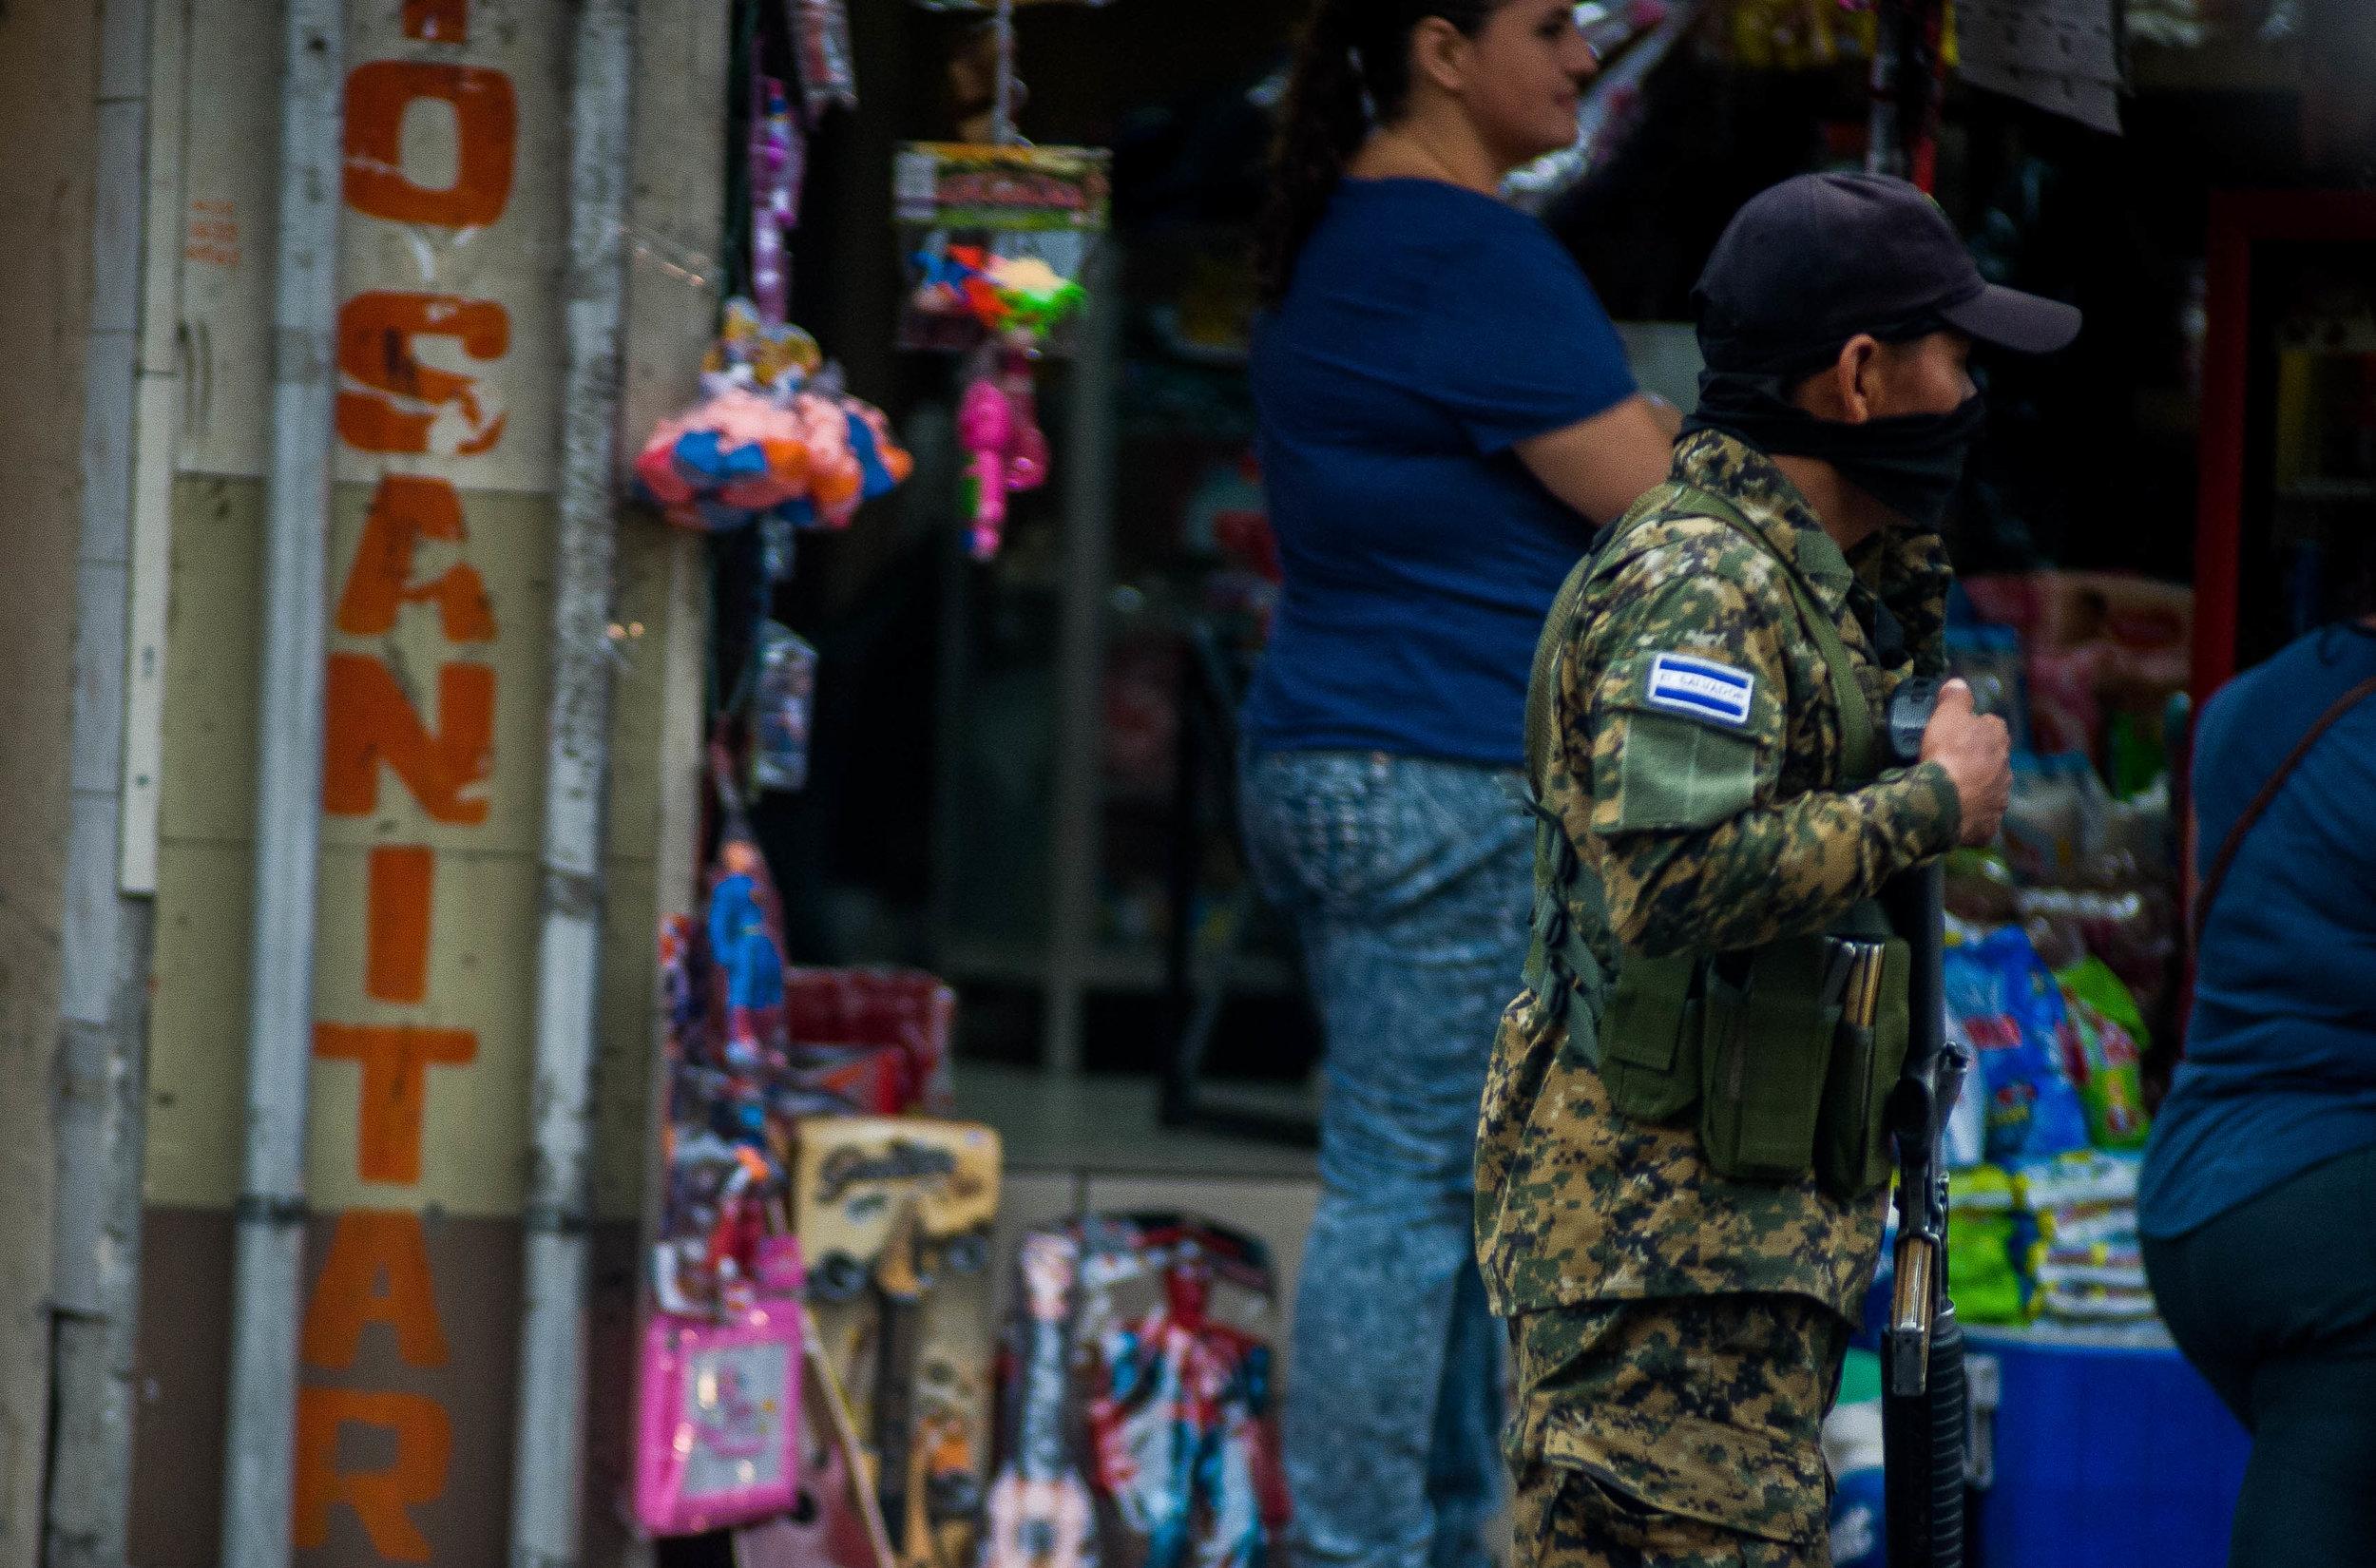 Un soldado patrulla el centro historico de San Salvador. Foto: La Crónica